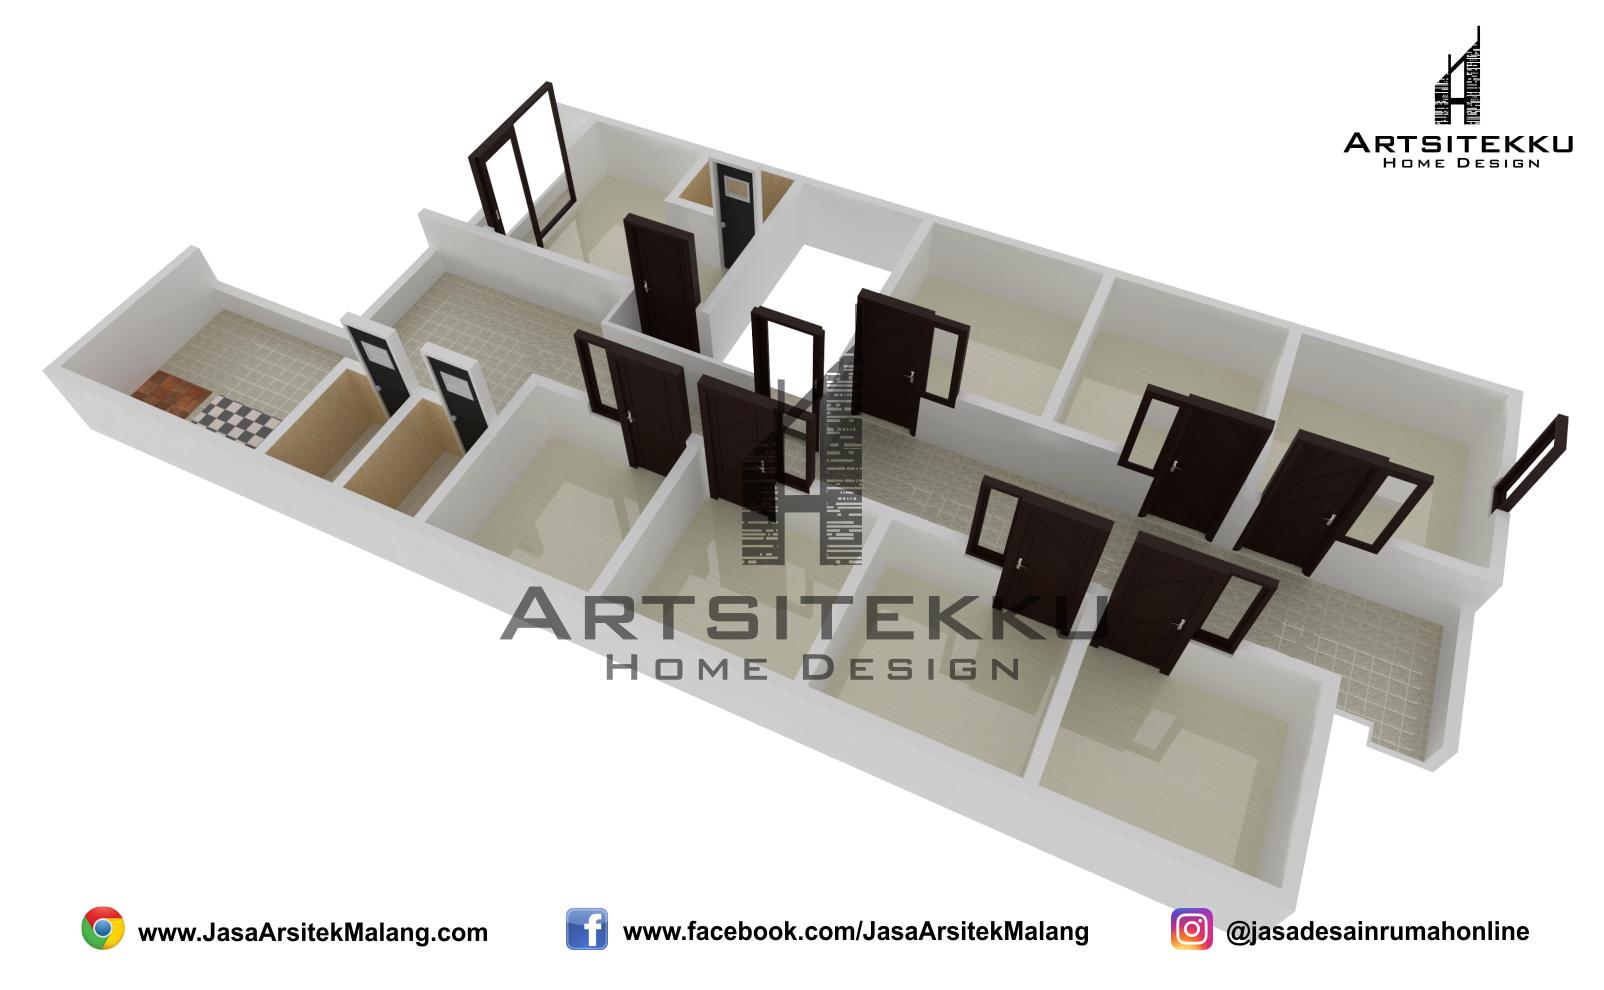 66 Koleksi Gambar Arsitek Rumah Minimalis Sederhana Gratis Terbaru